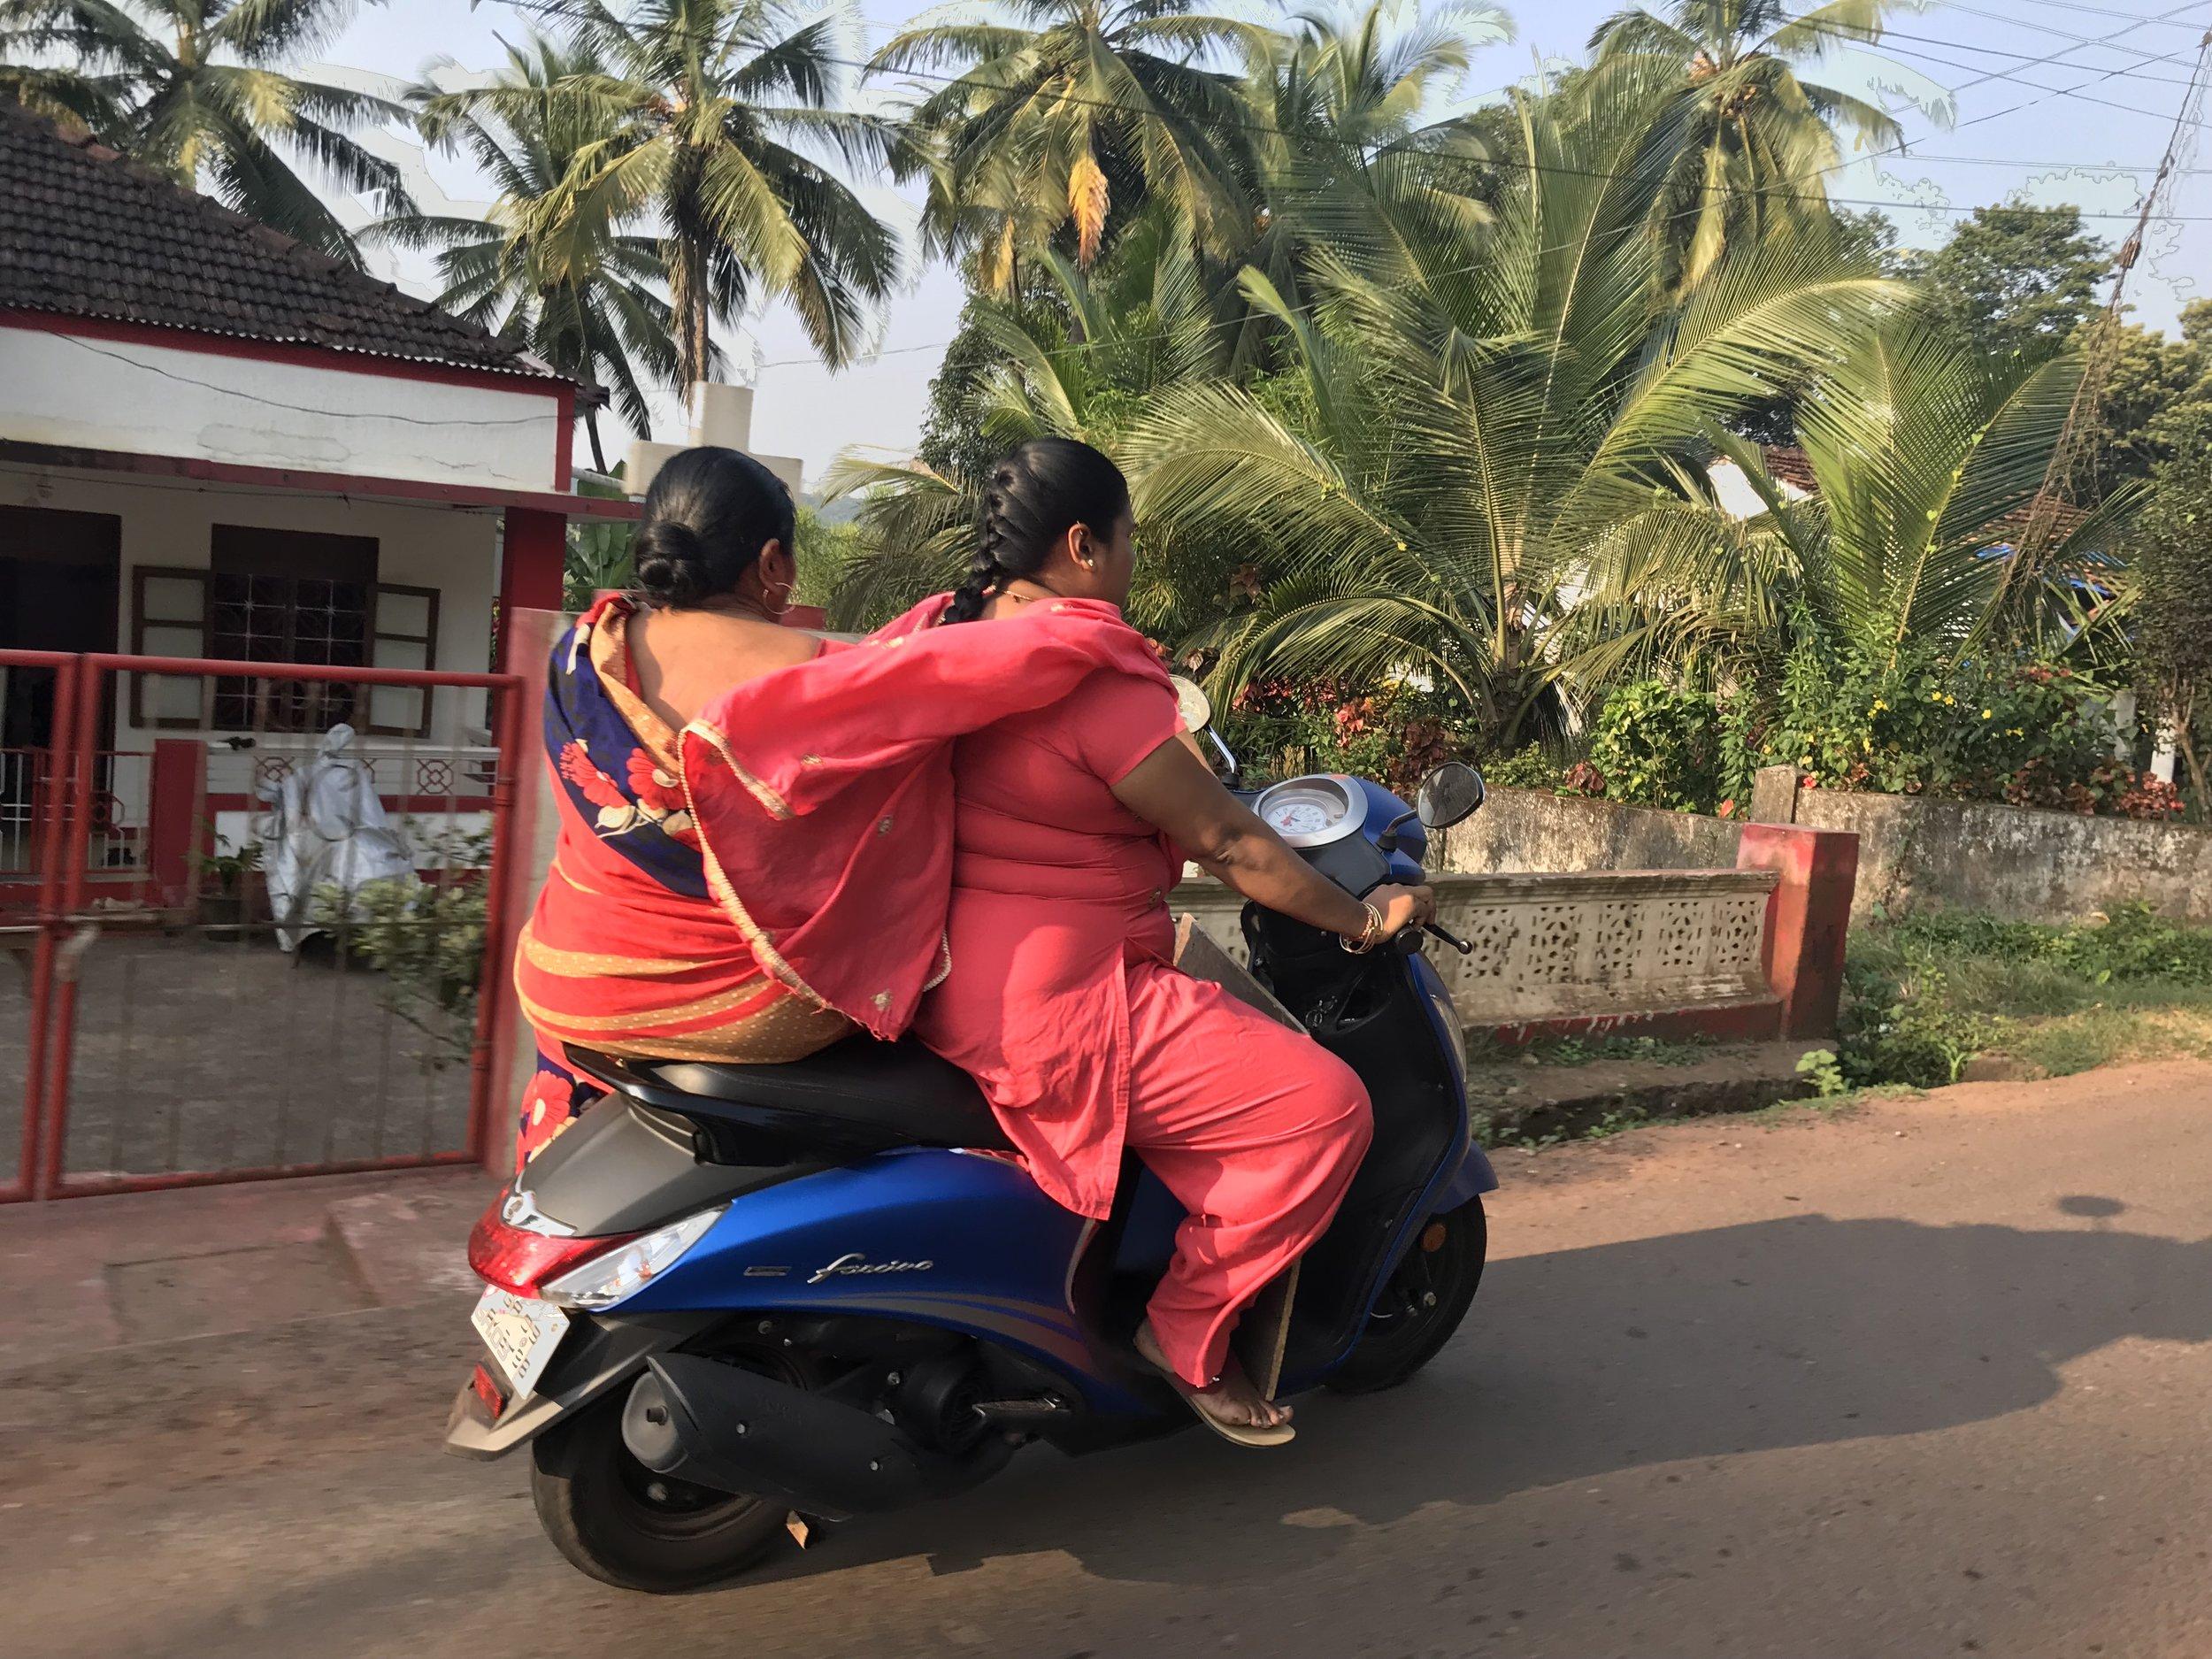 Mopedkjøring kan være livsfarlig i enkelte land.      Foto: Odd Roar Lange